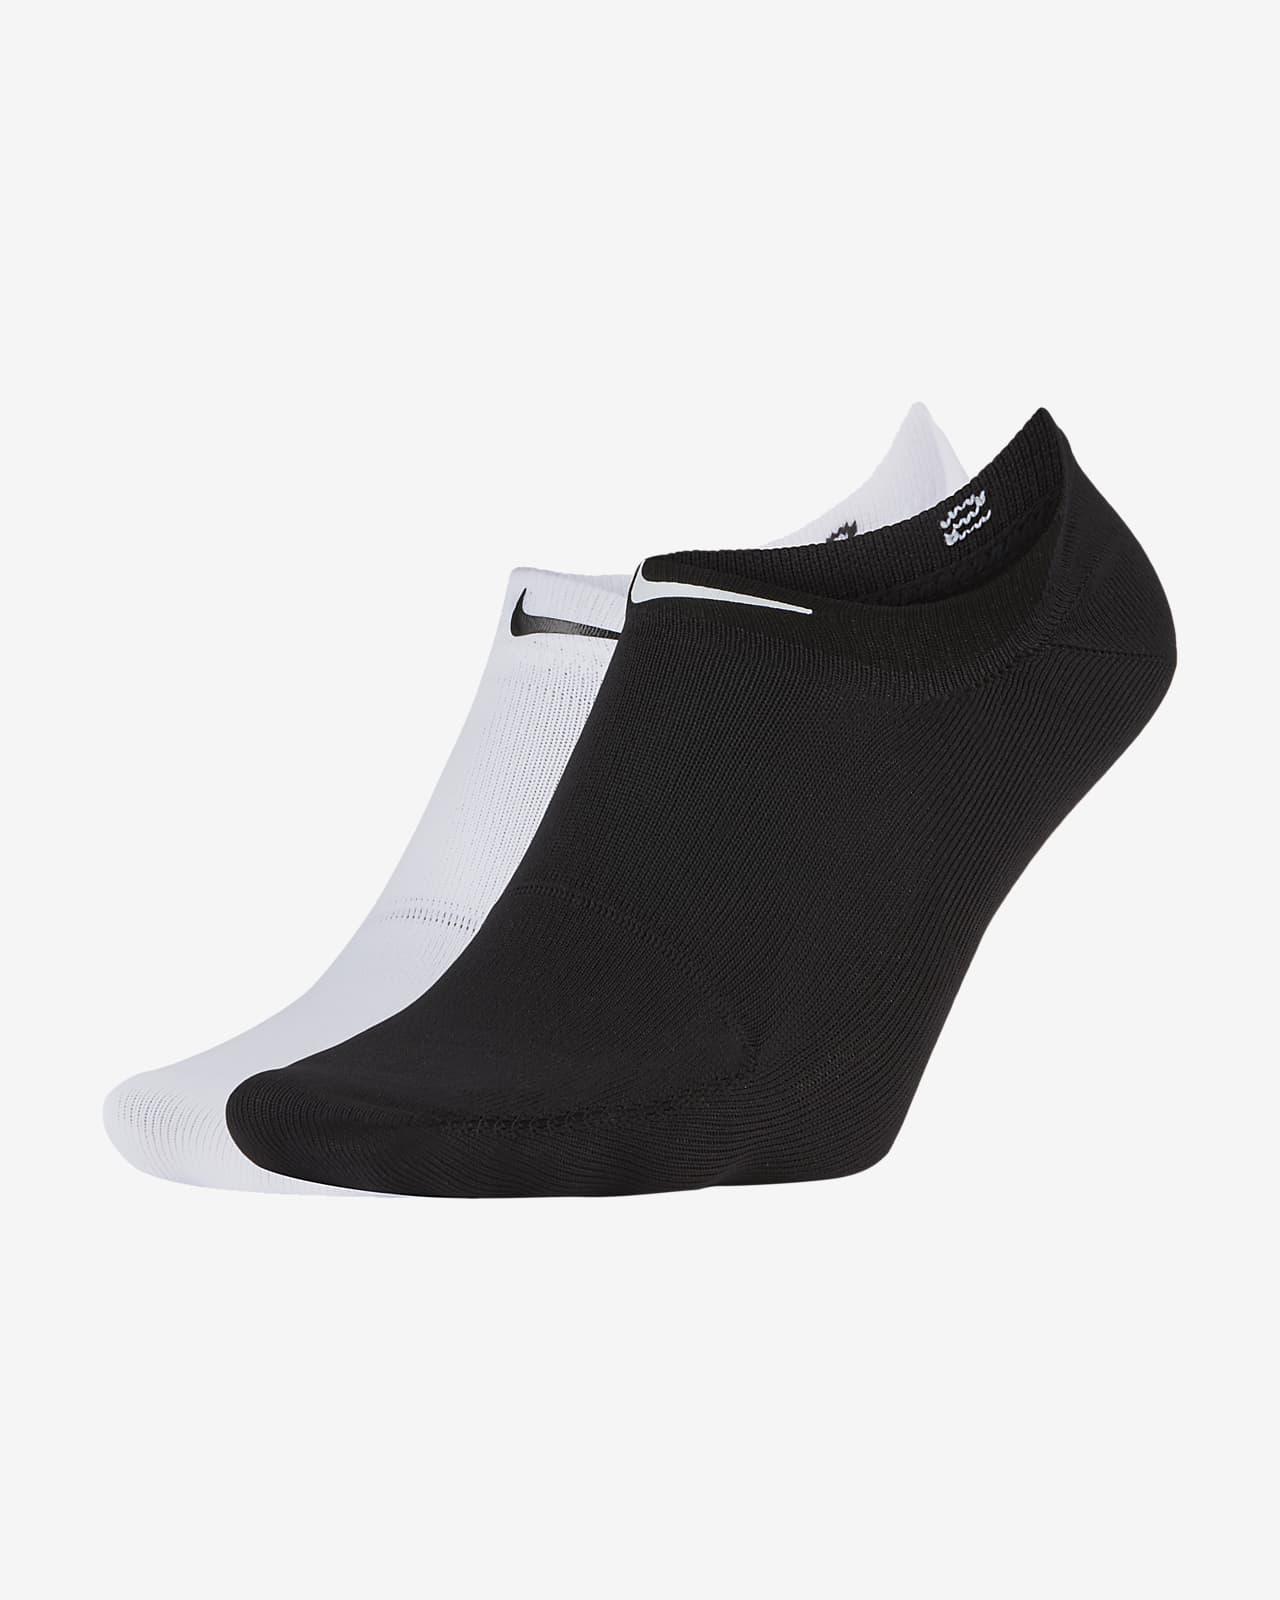 ถุงเท้าเทรนนิ่งผู้หญิงแบบซ่อน Nike One (2 คู่)